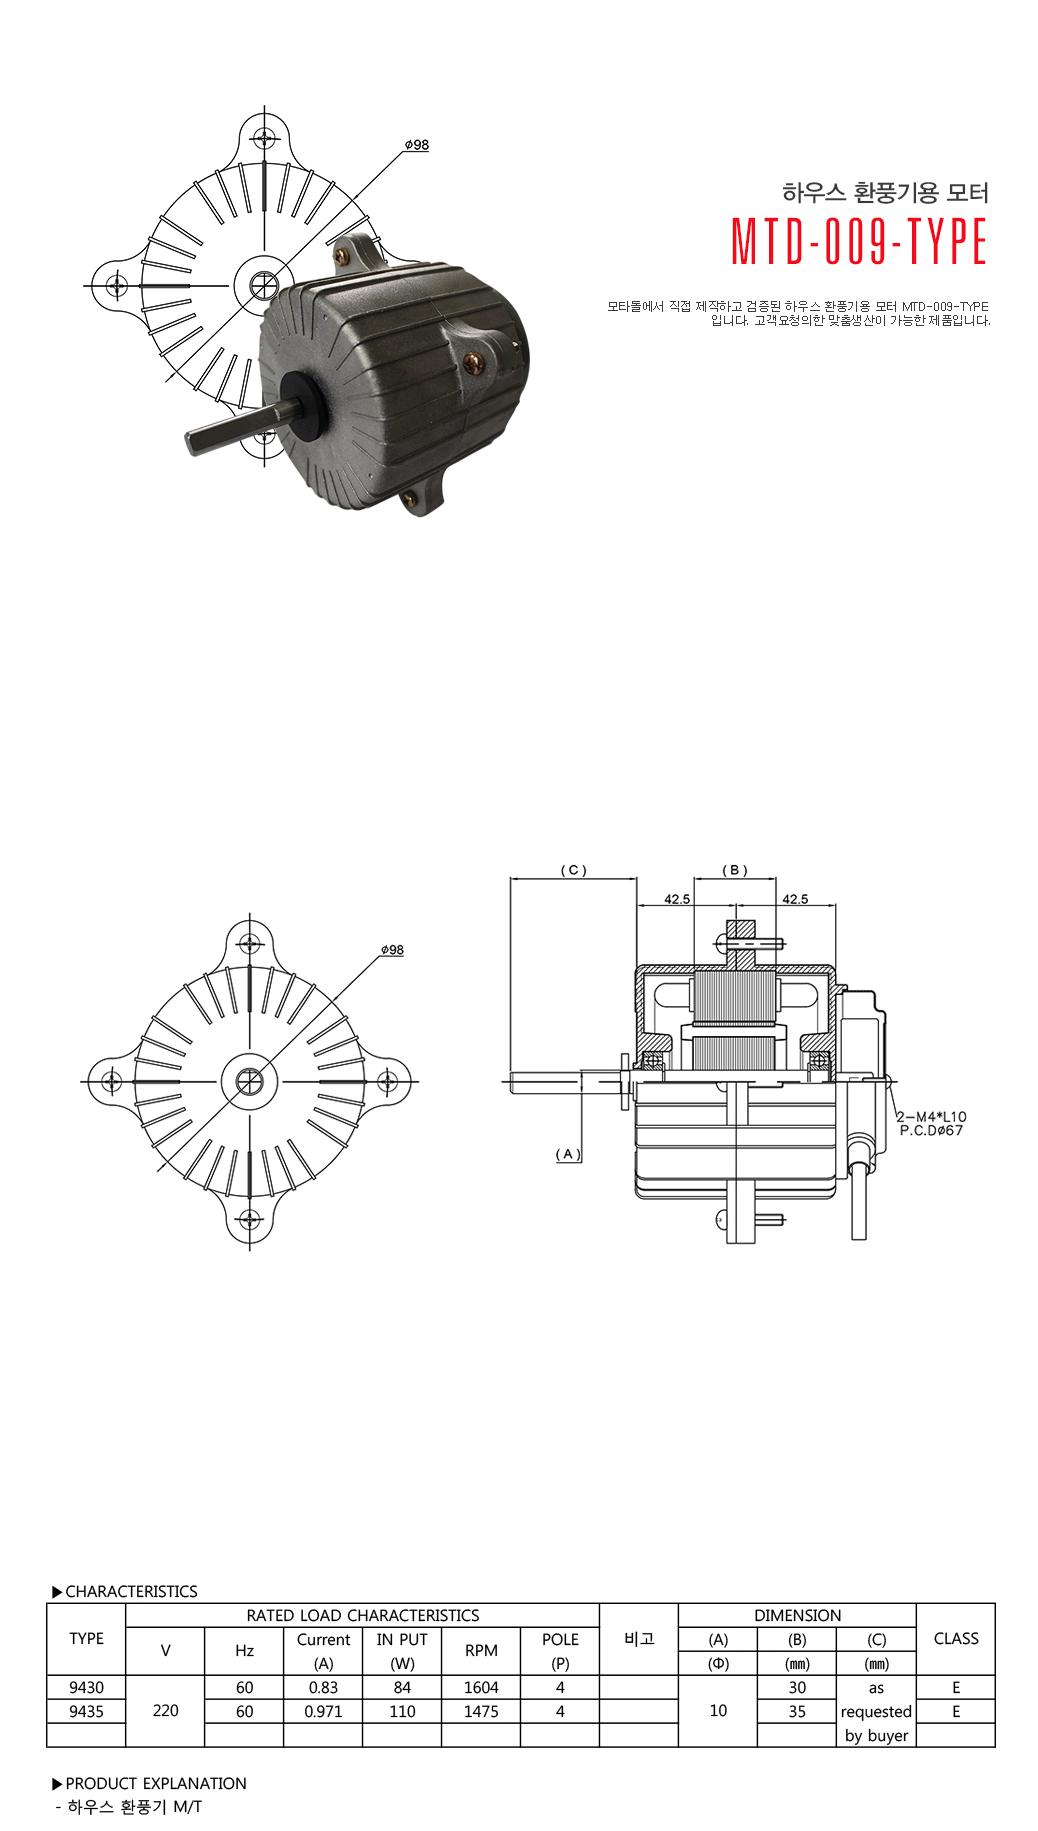 모타돌 하우스 환풍기용 모터 MTD-009 Type